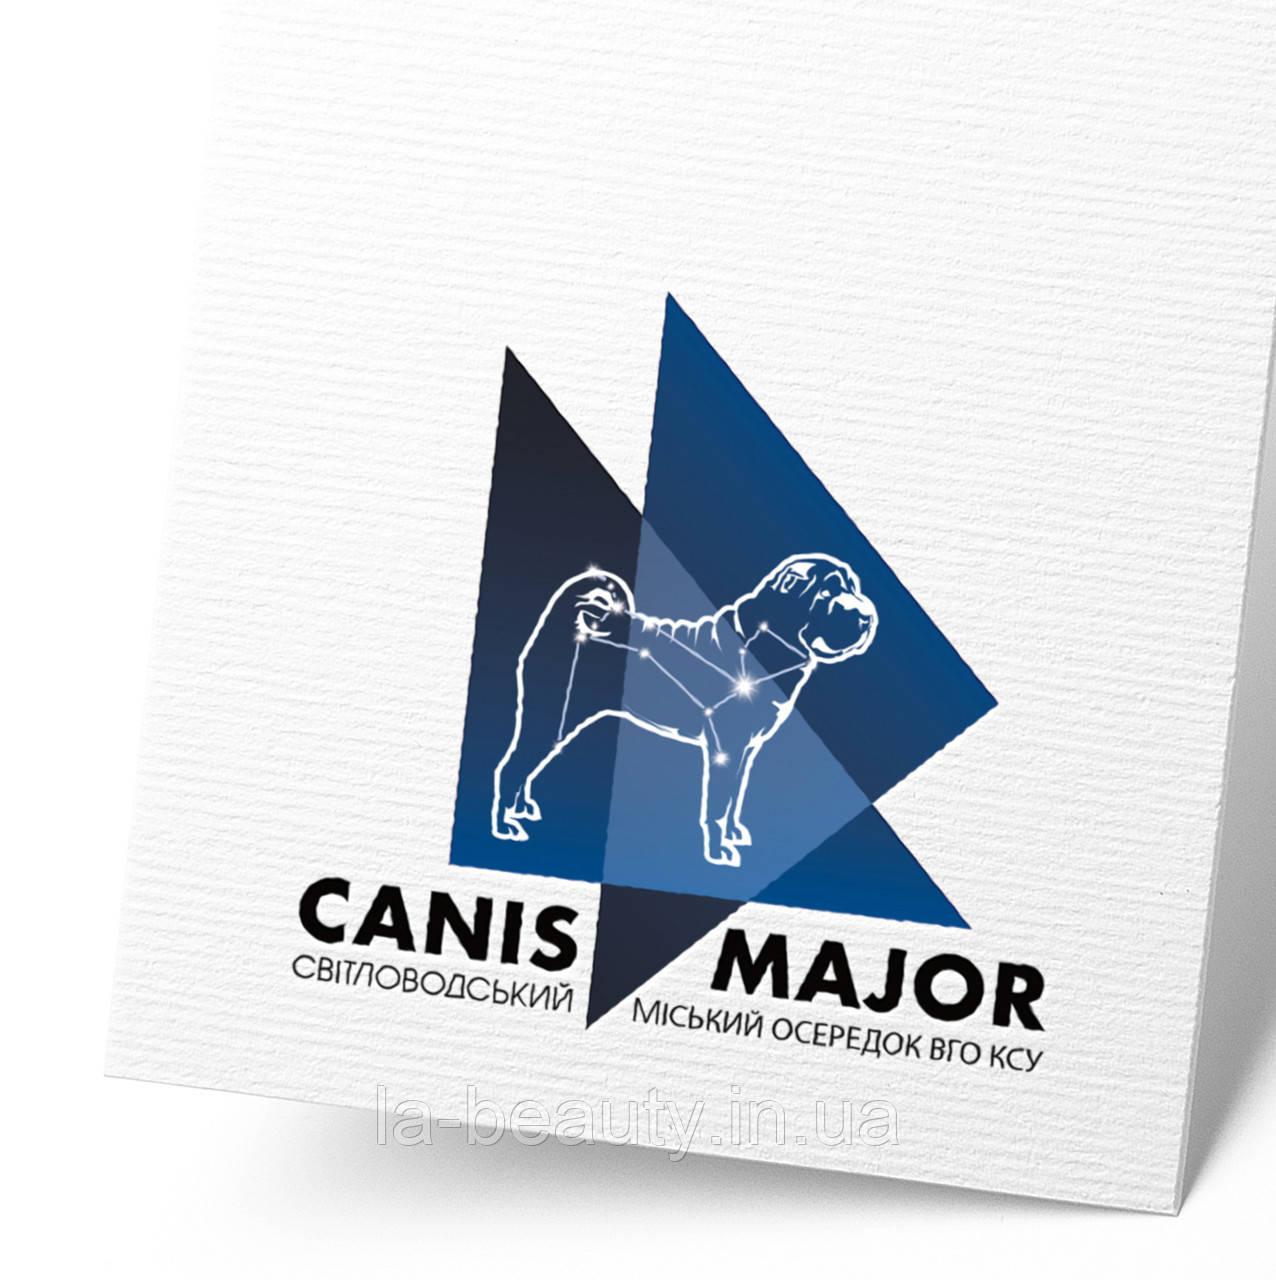 Дизайн логотипа и нейминг для Кинологического клуба